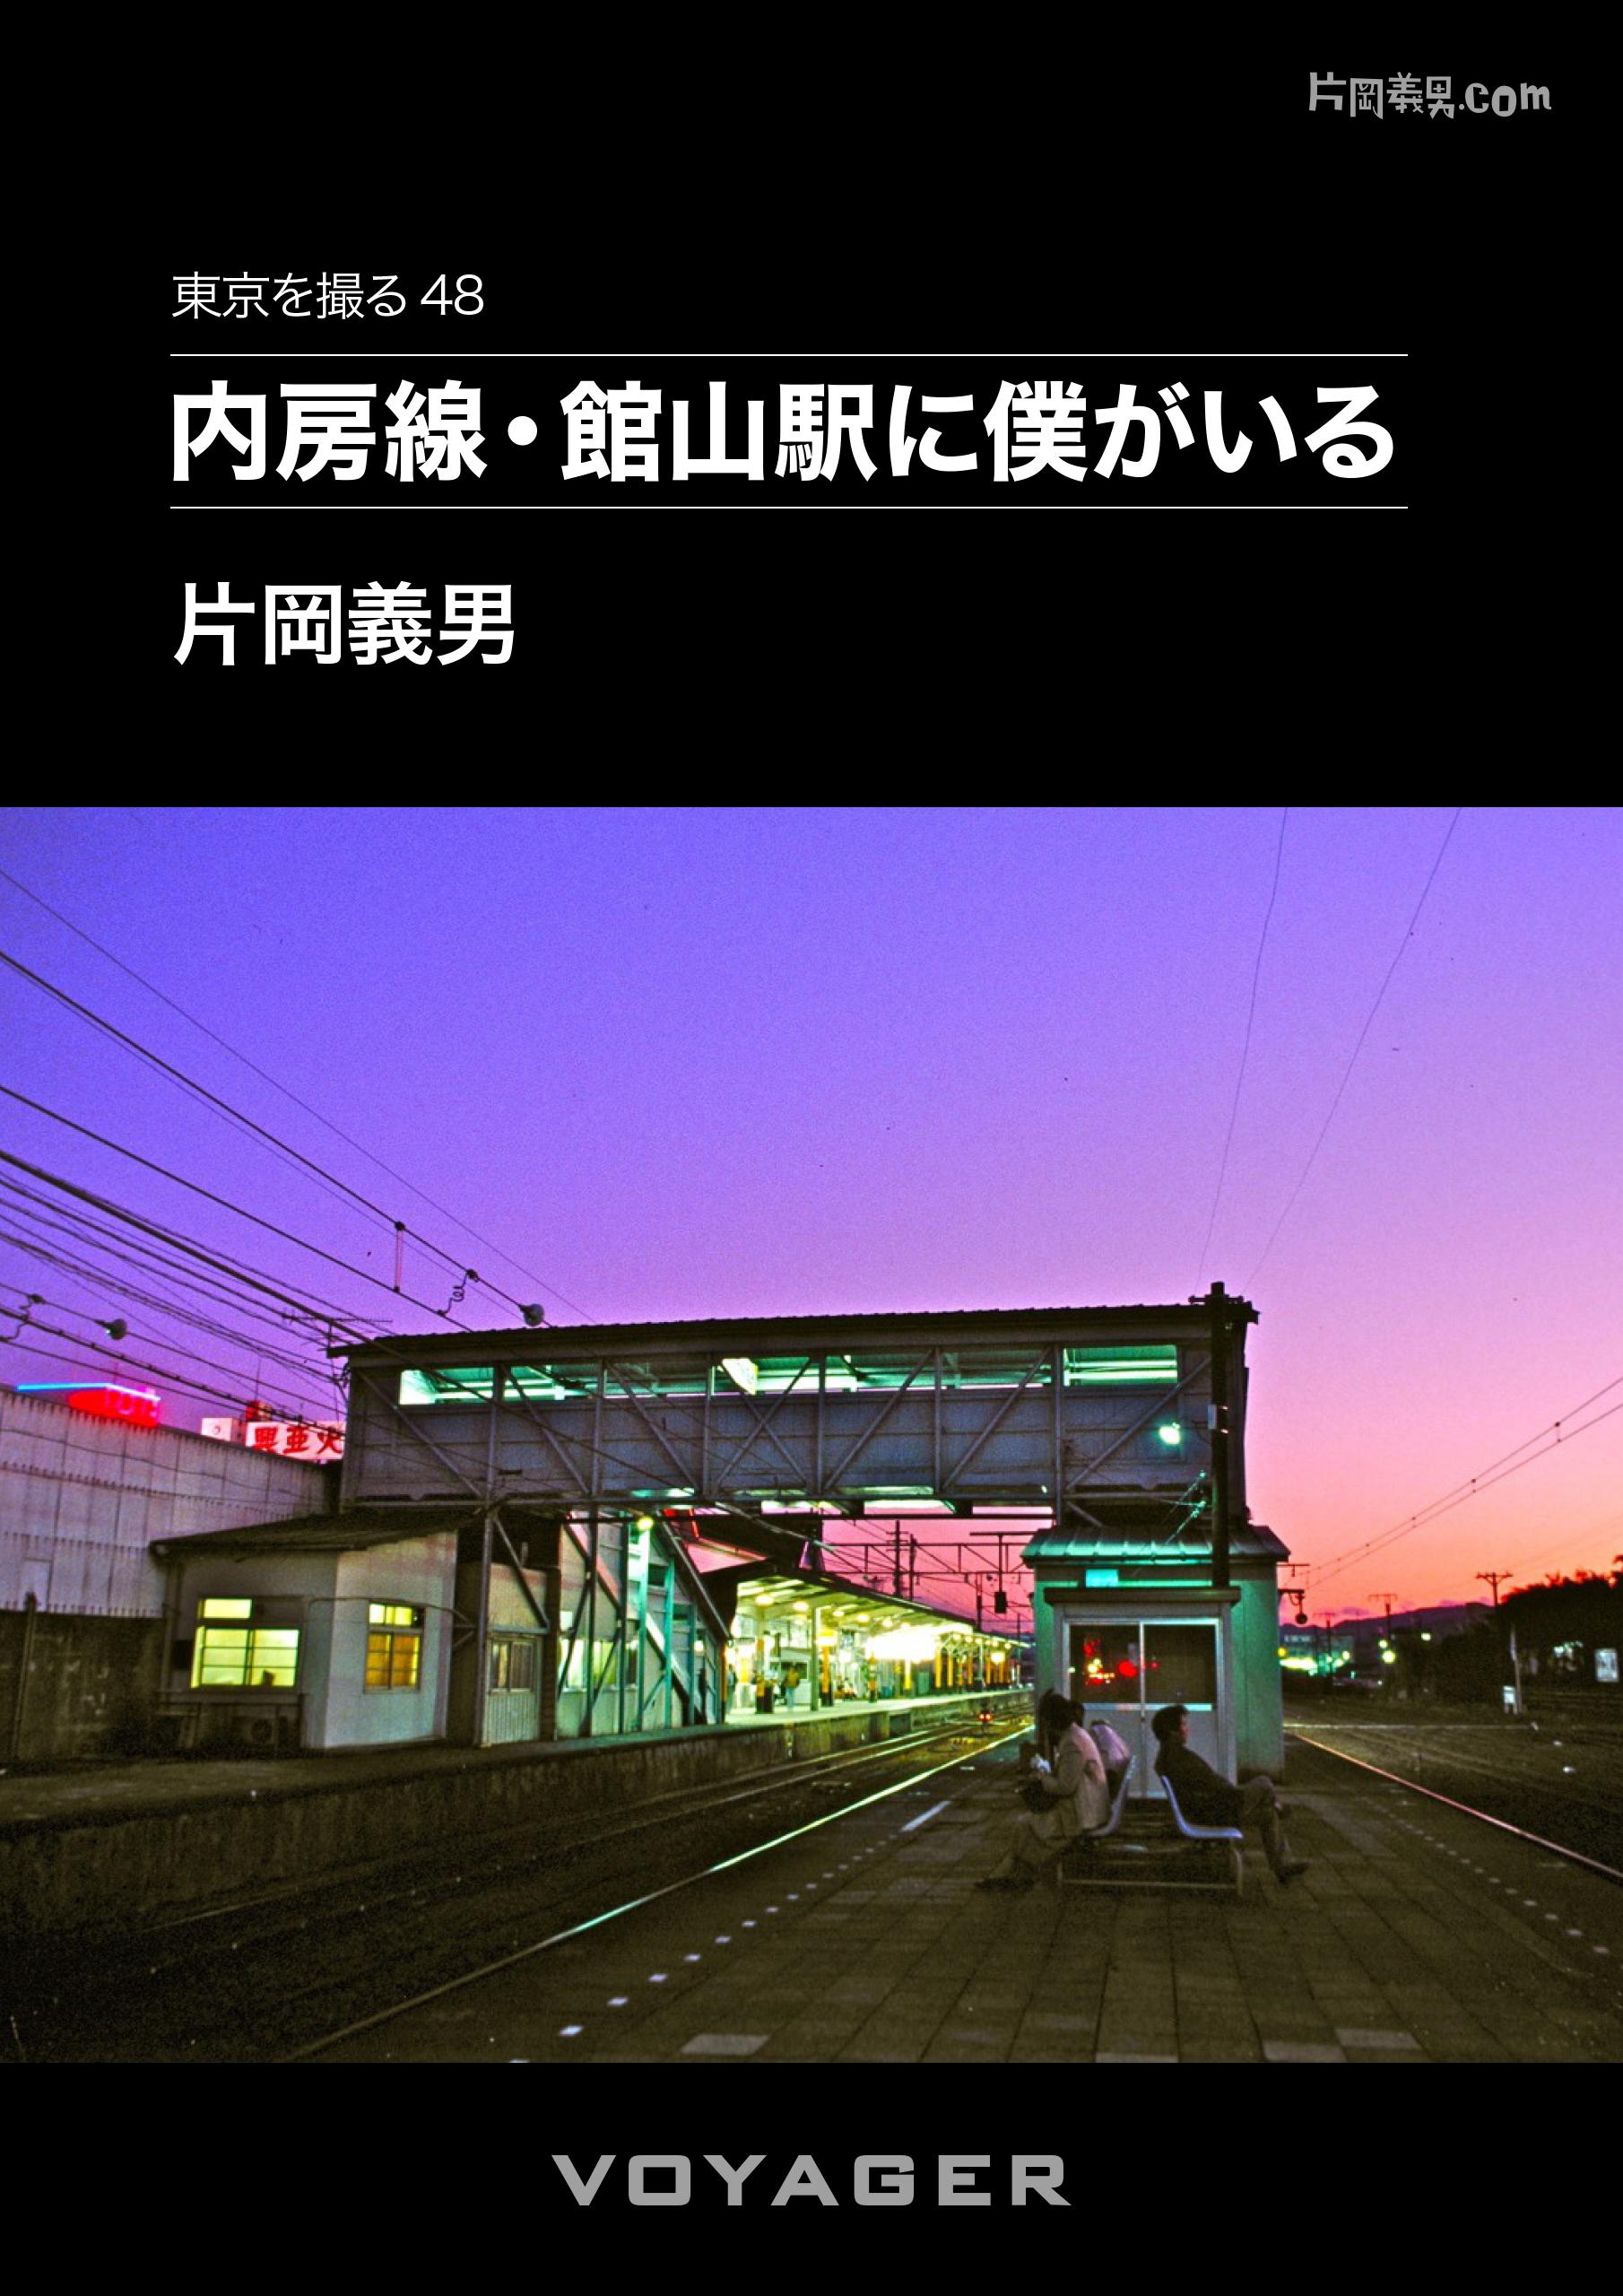 内房線・館山駅に僕がいる